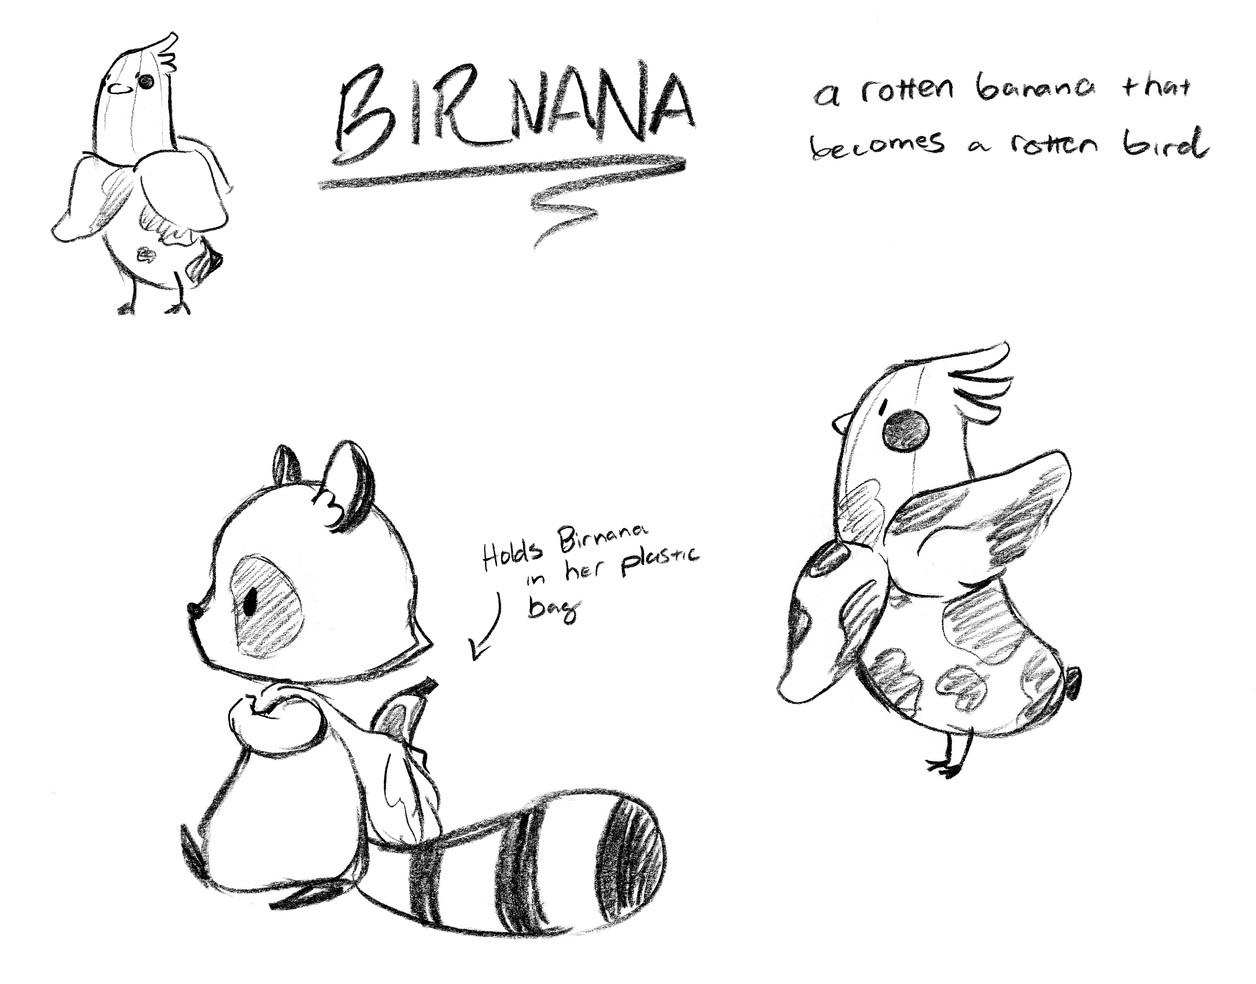 Birnana